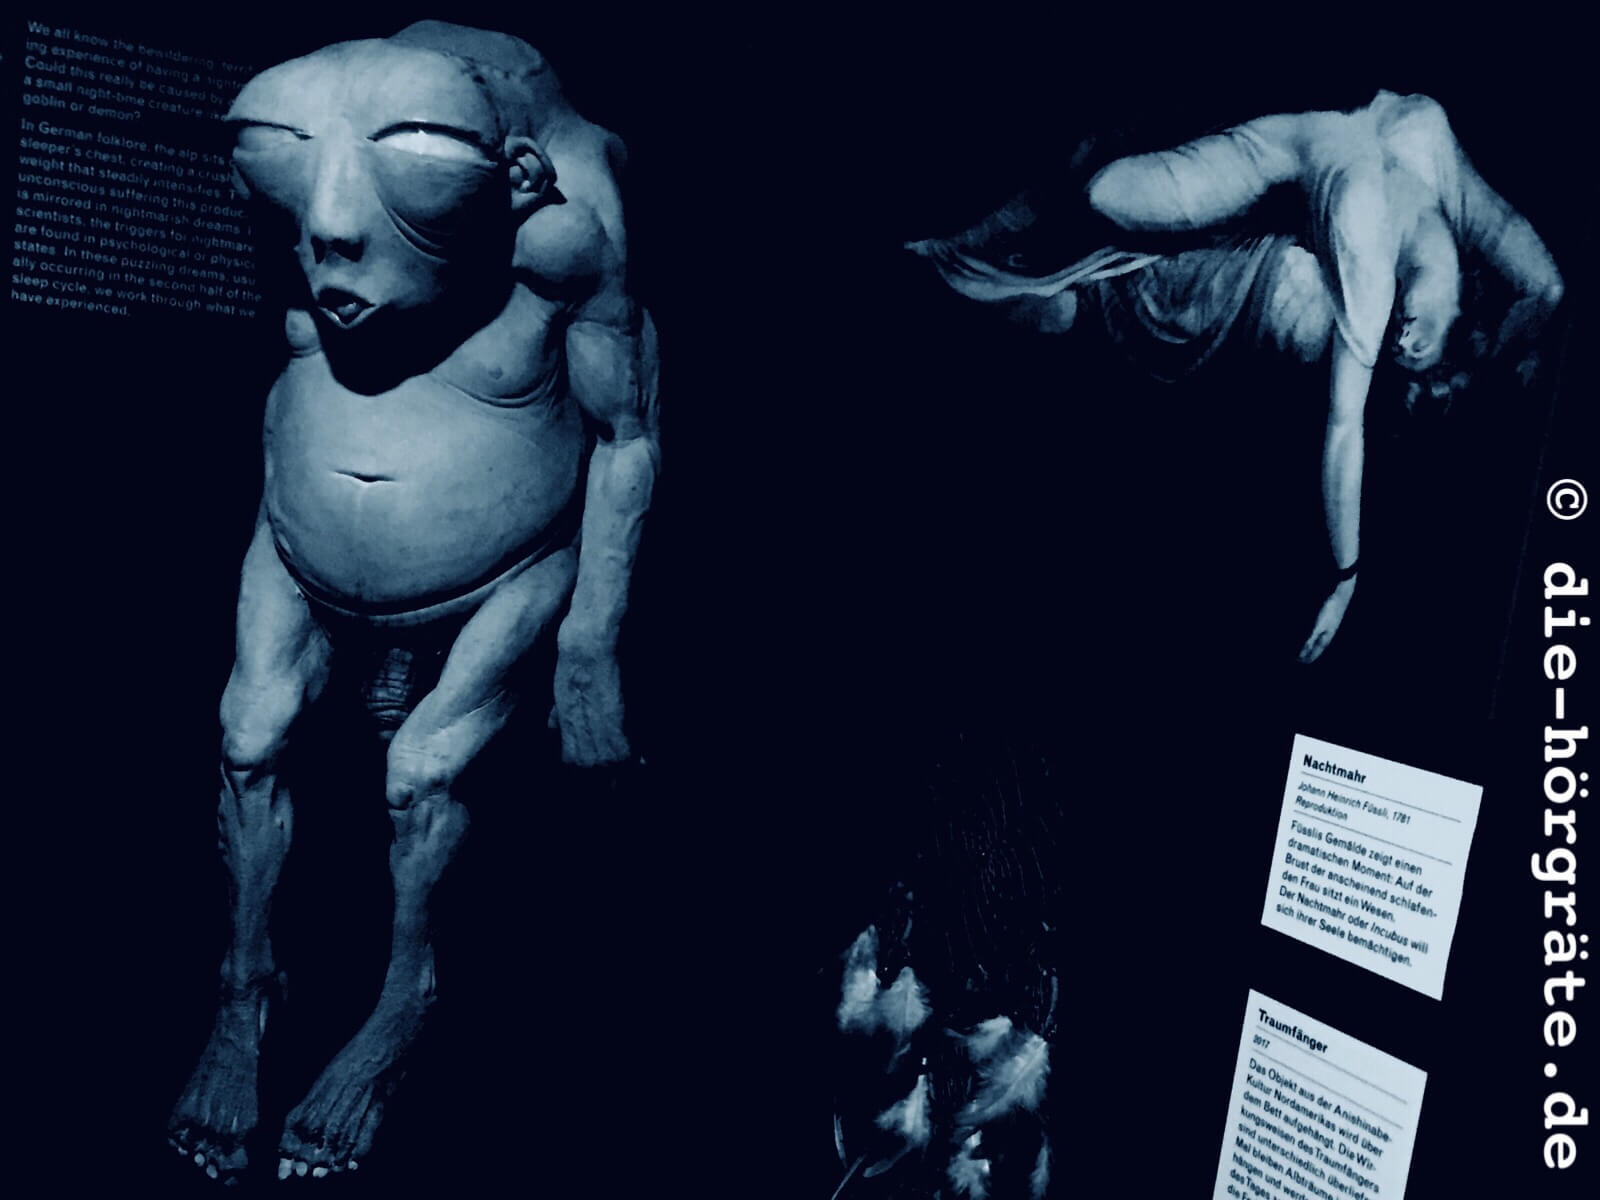 Ein dickes, nacktes Monster und die Allegorie Albtraum